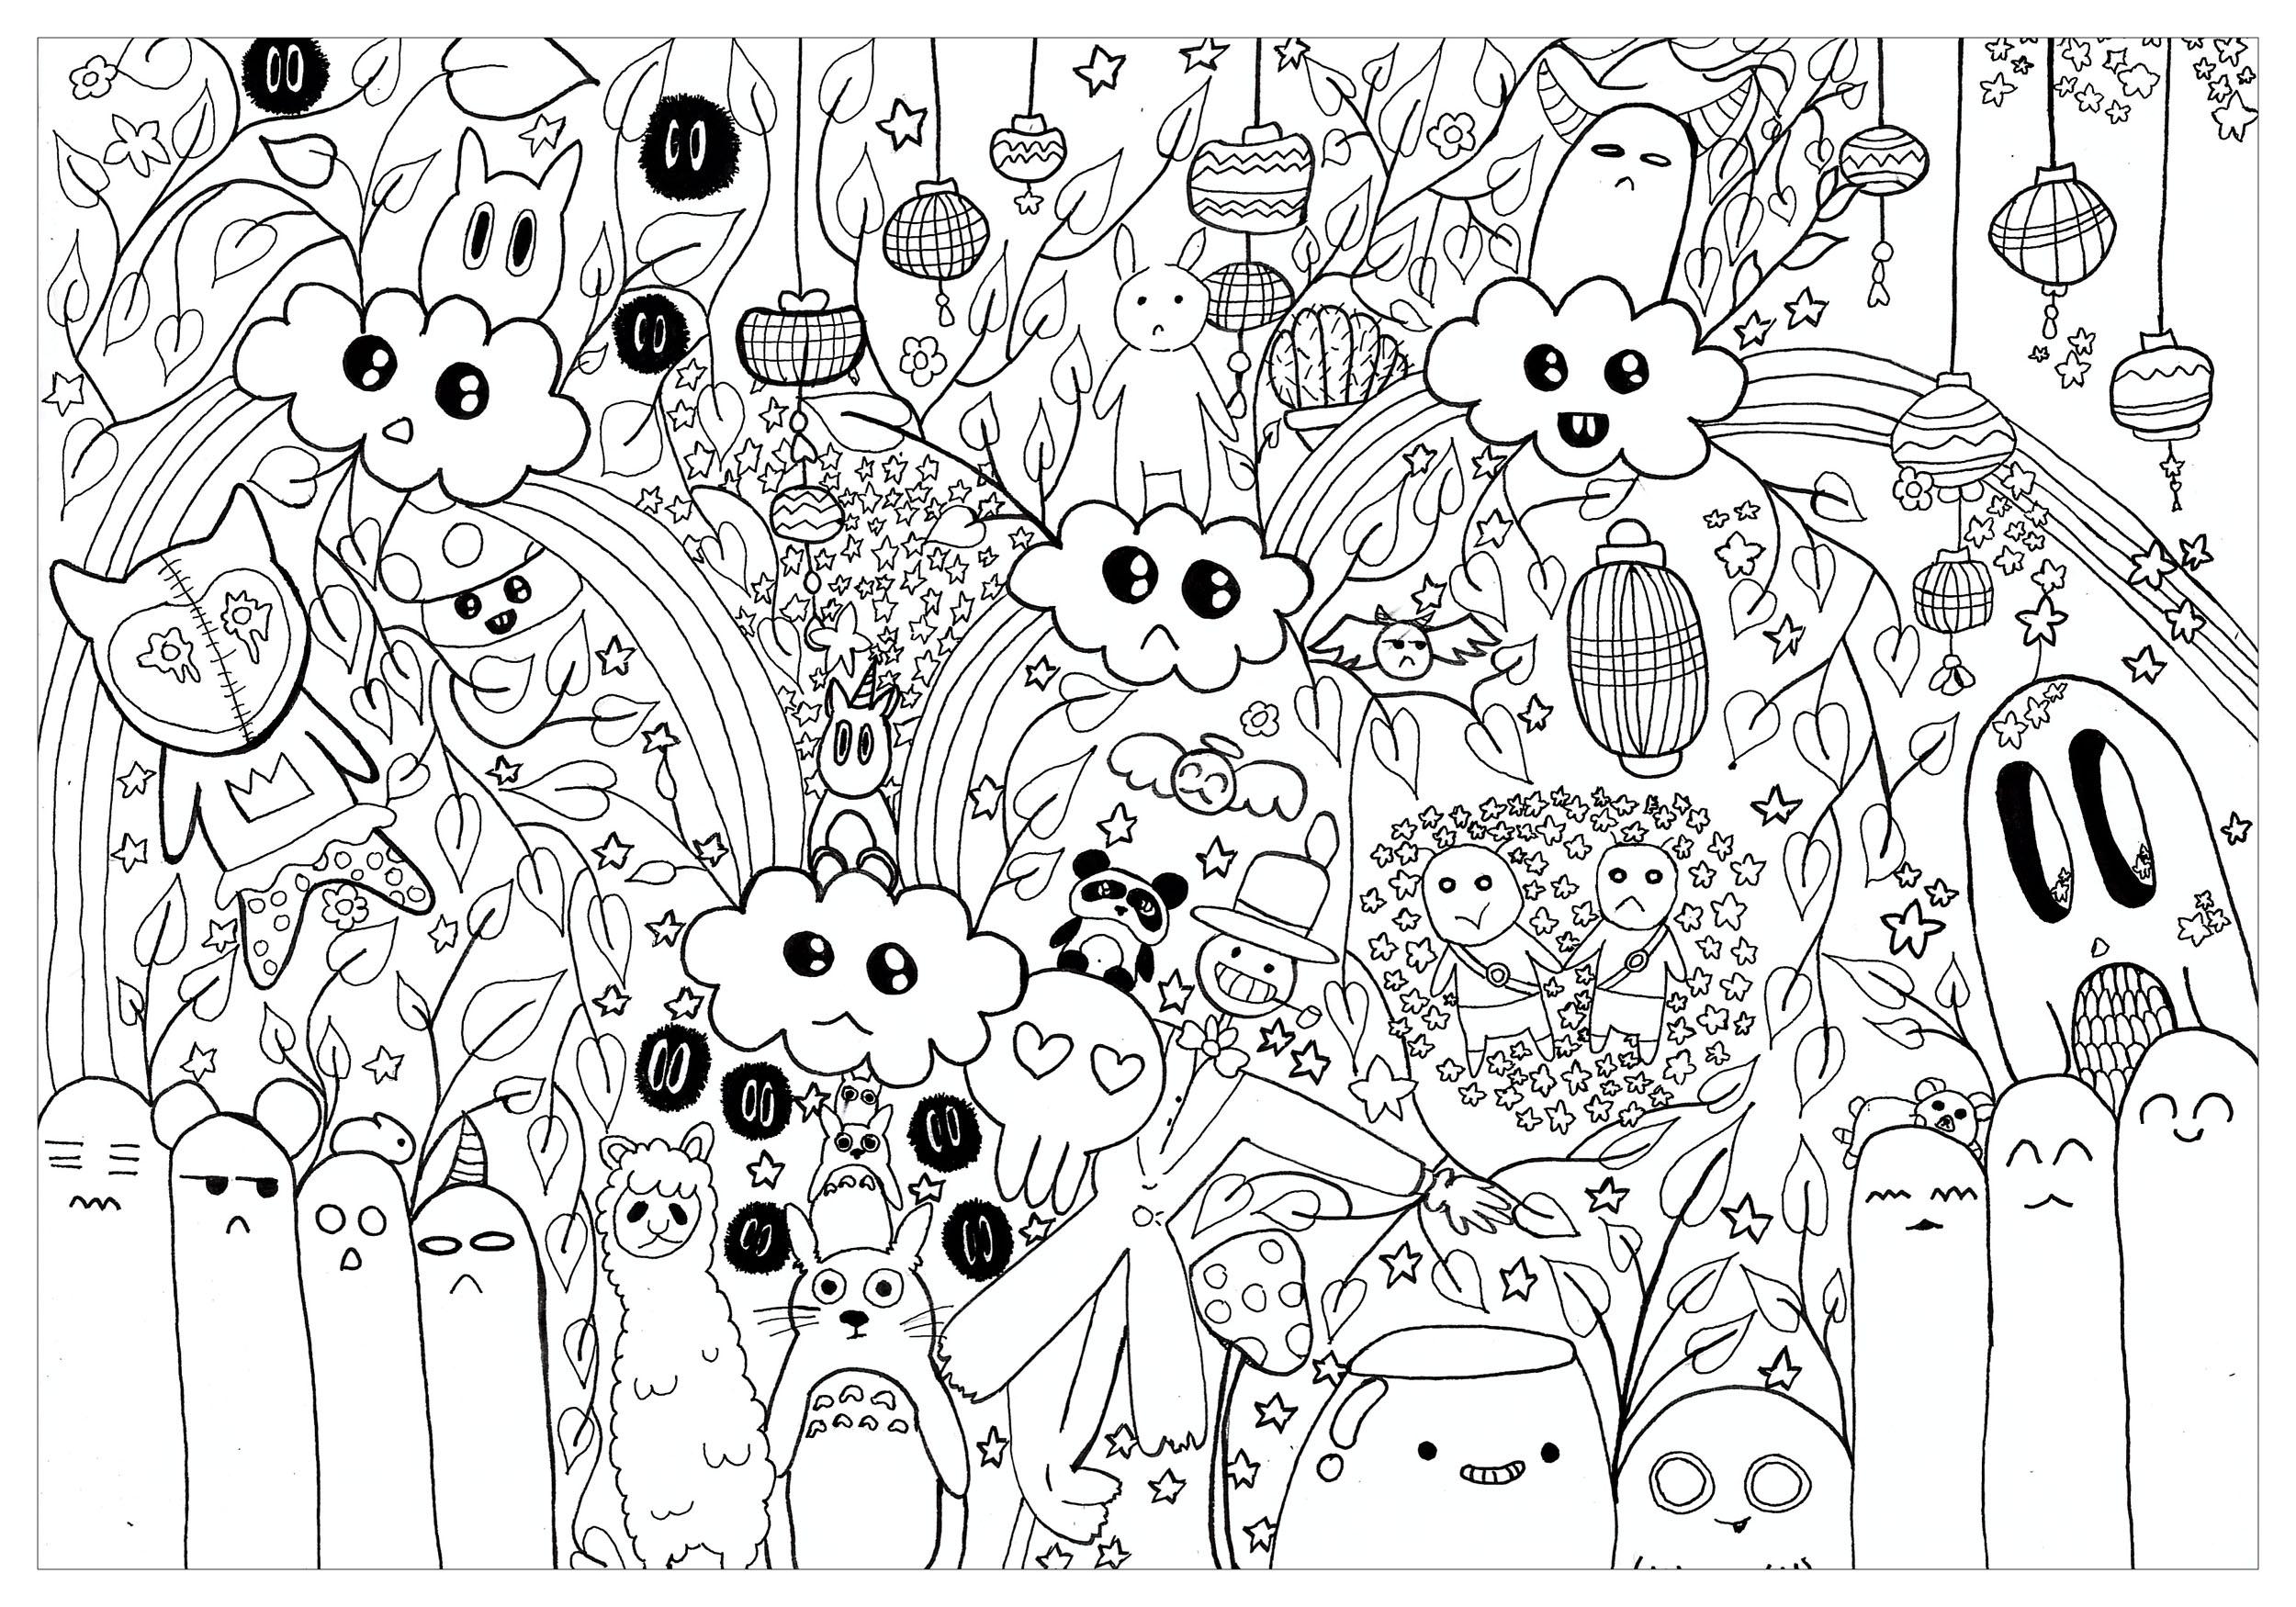 Doodle inspiré du monde de Hayao Miyazaki et du studio Ghibli, plus particulièrement du personnage de Totoro